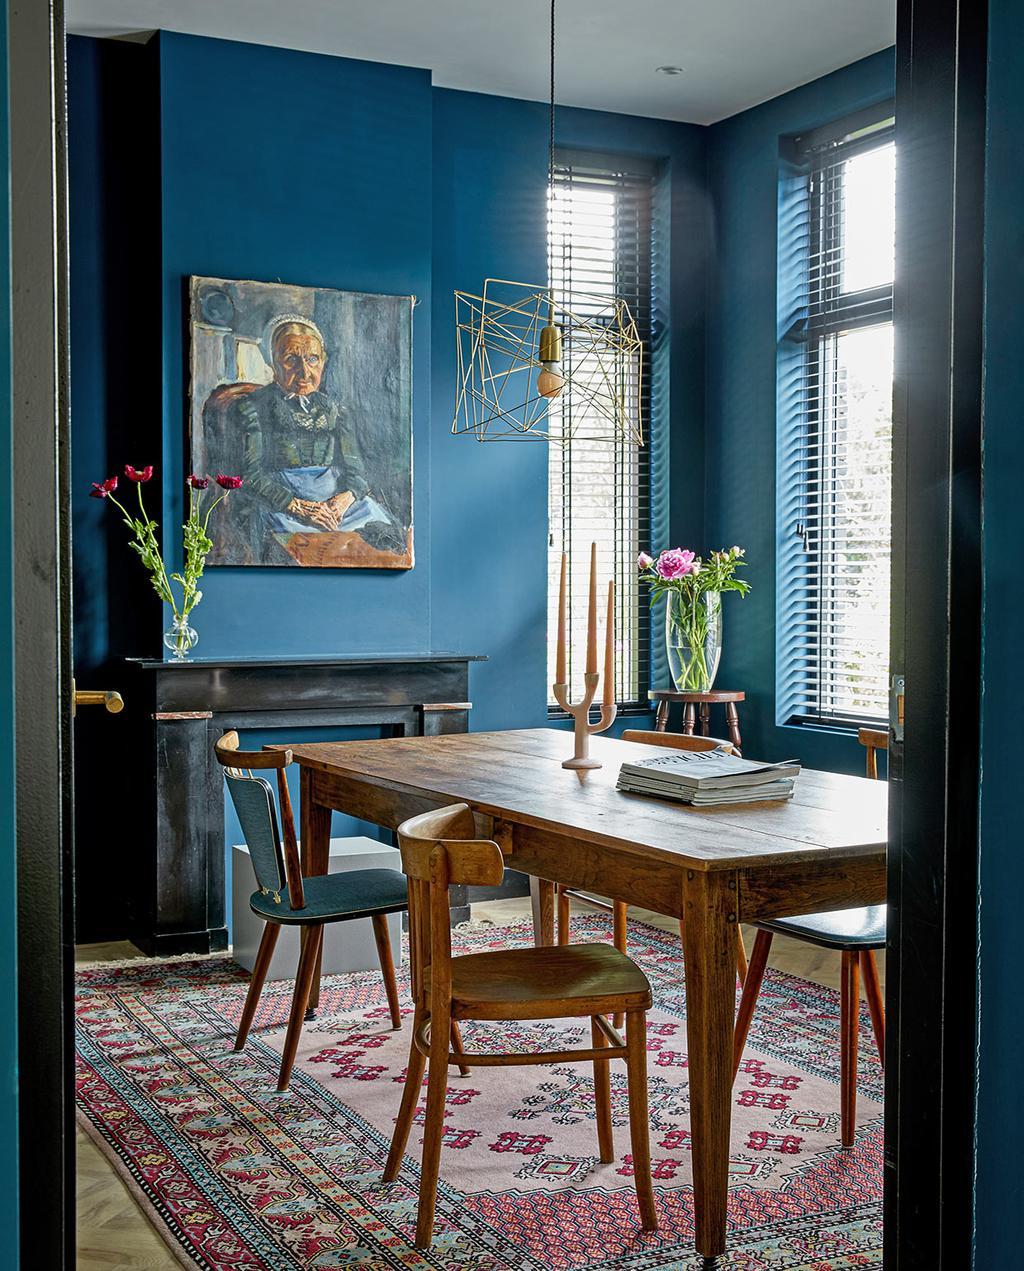 vtwonen 05-2021 | eettafel van hout met kunstwerk aan de blauwe muur